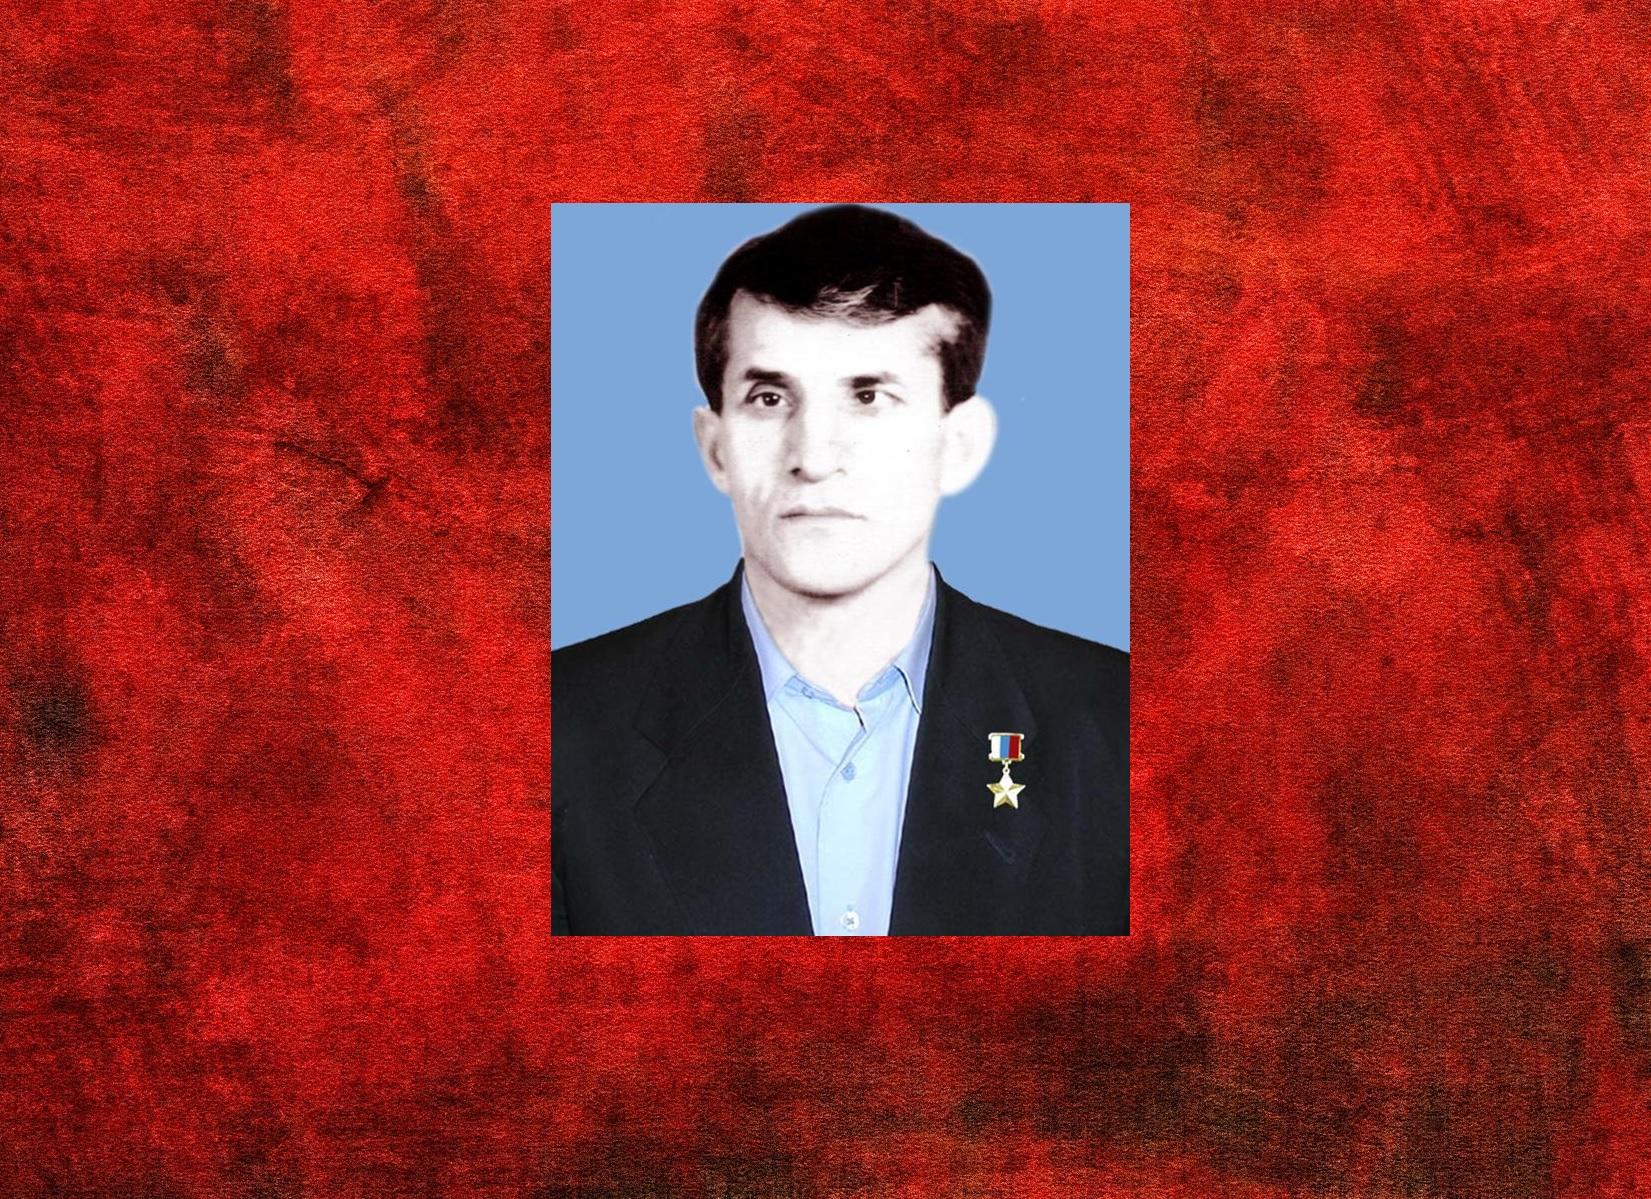 Cын дагестанского народа